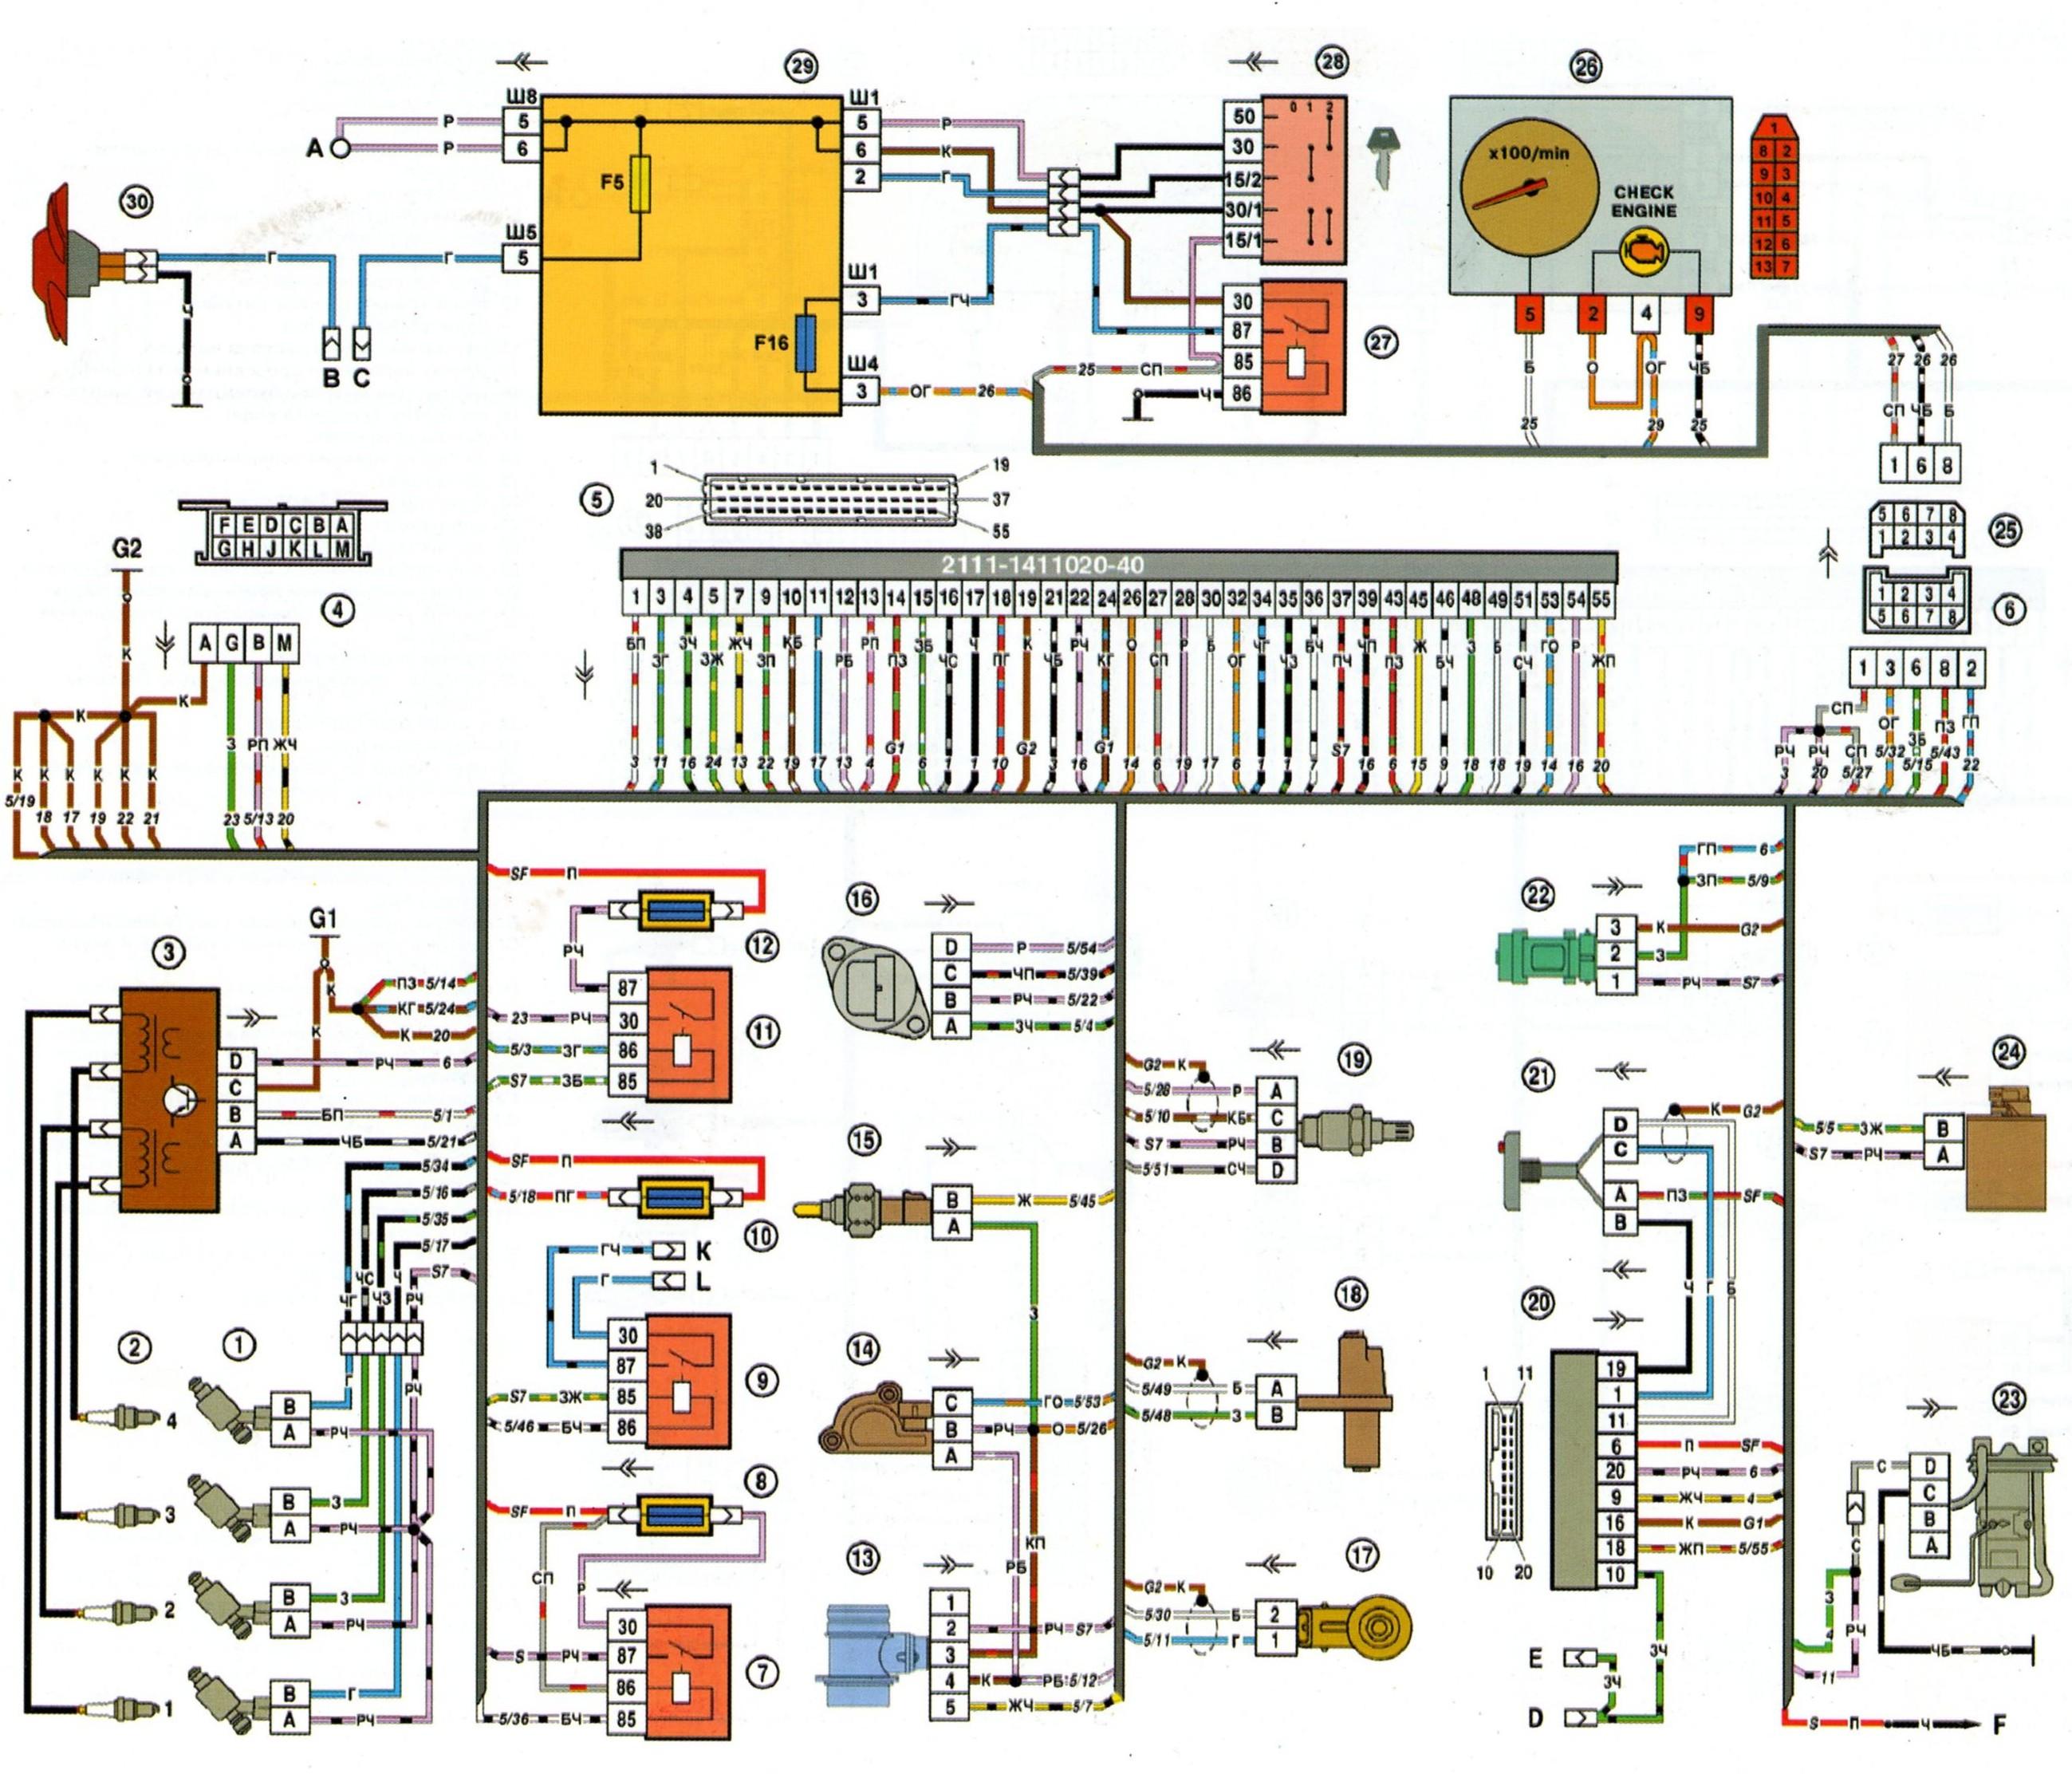 схема питания реле бензонасоса в ваз 2109 инжектор